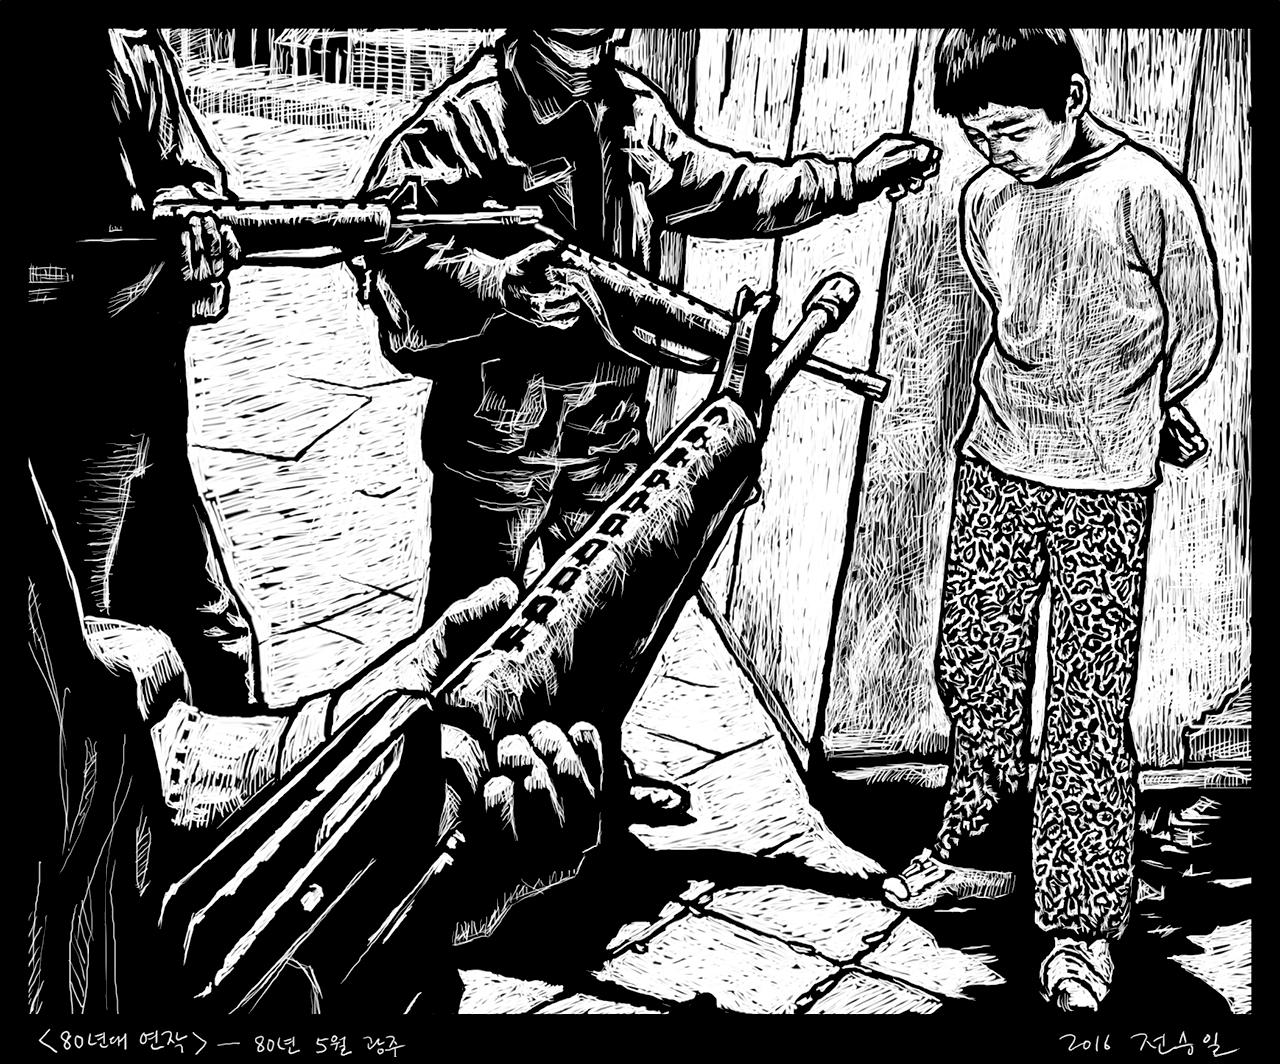 """<역사의 한 컷 ③> """"80년 5월 광주"""" 1980년 5월 27일, 계엄군에게 체포된 앳된 모습의 고등학생. 원본 사진 출처 : 김녕만(월간 사진예술 전 대표) 사진가."""